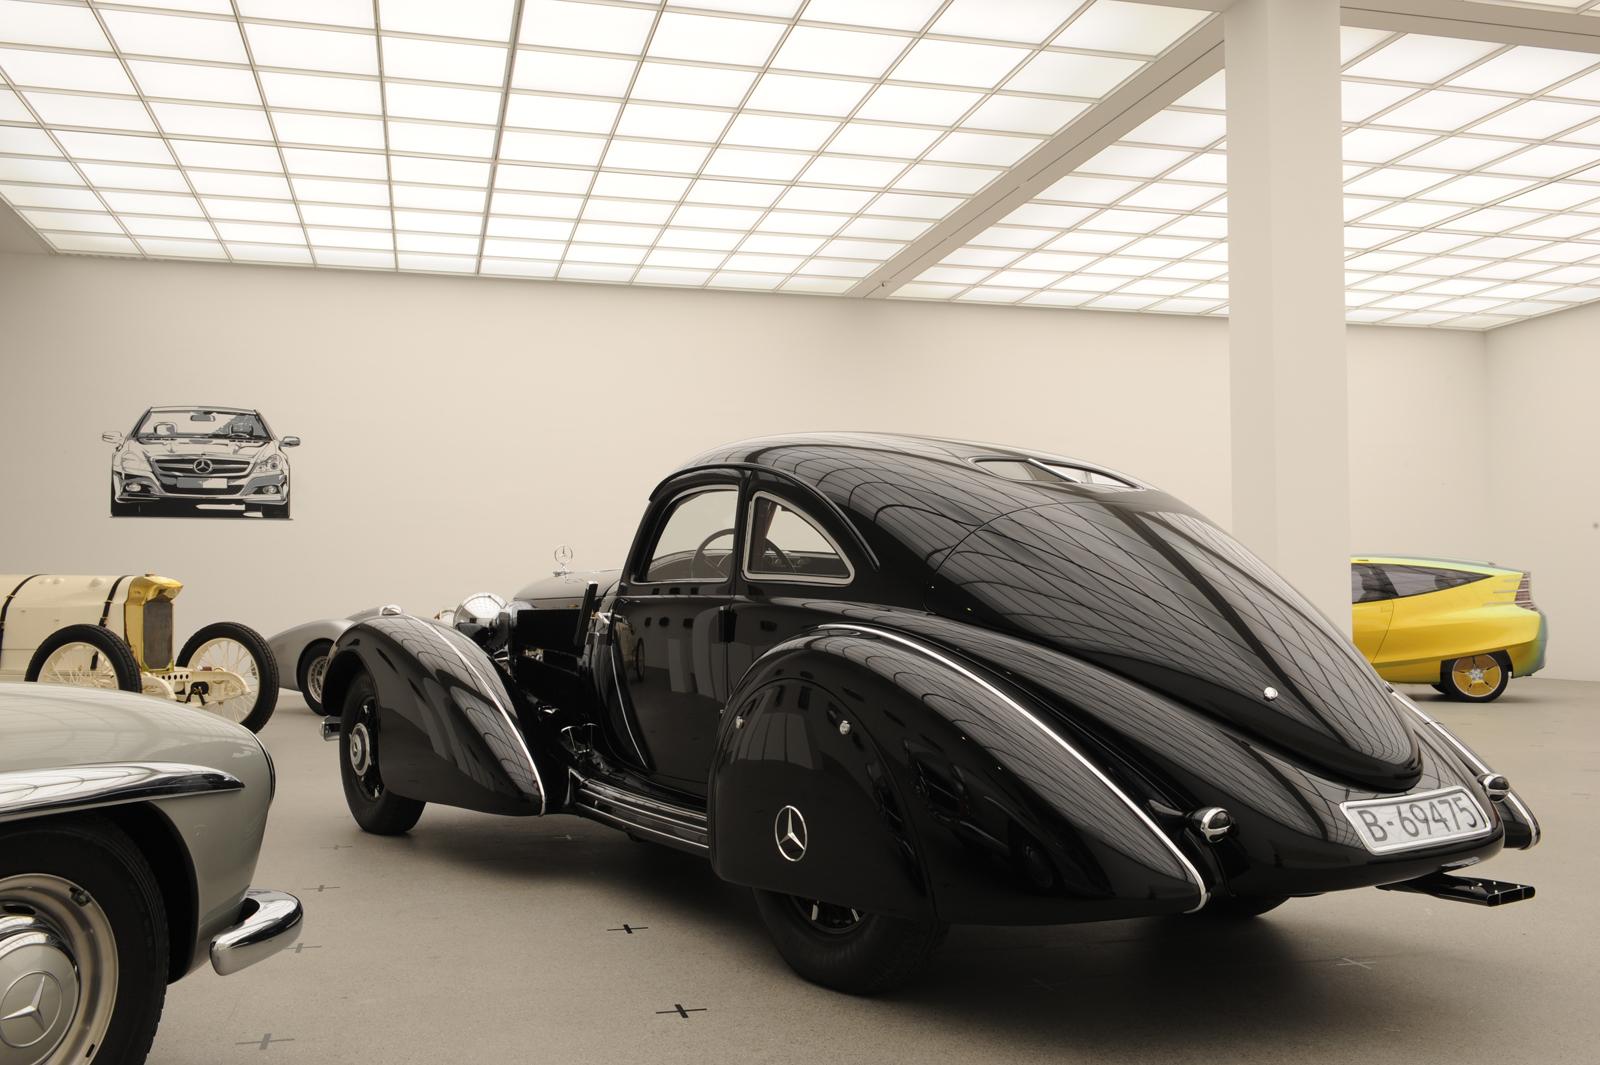 """Выставка """"вехи истории автомобильного дизайна - пример Mercedes-Benz"""" в Pinakothek der Moderne) в Мюнхене - фотография №4"""